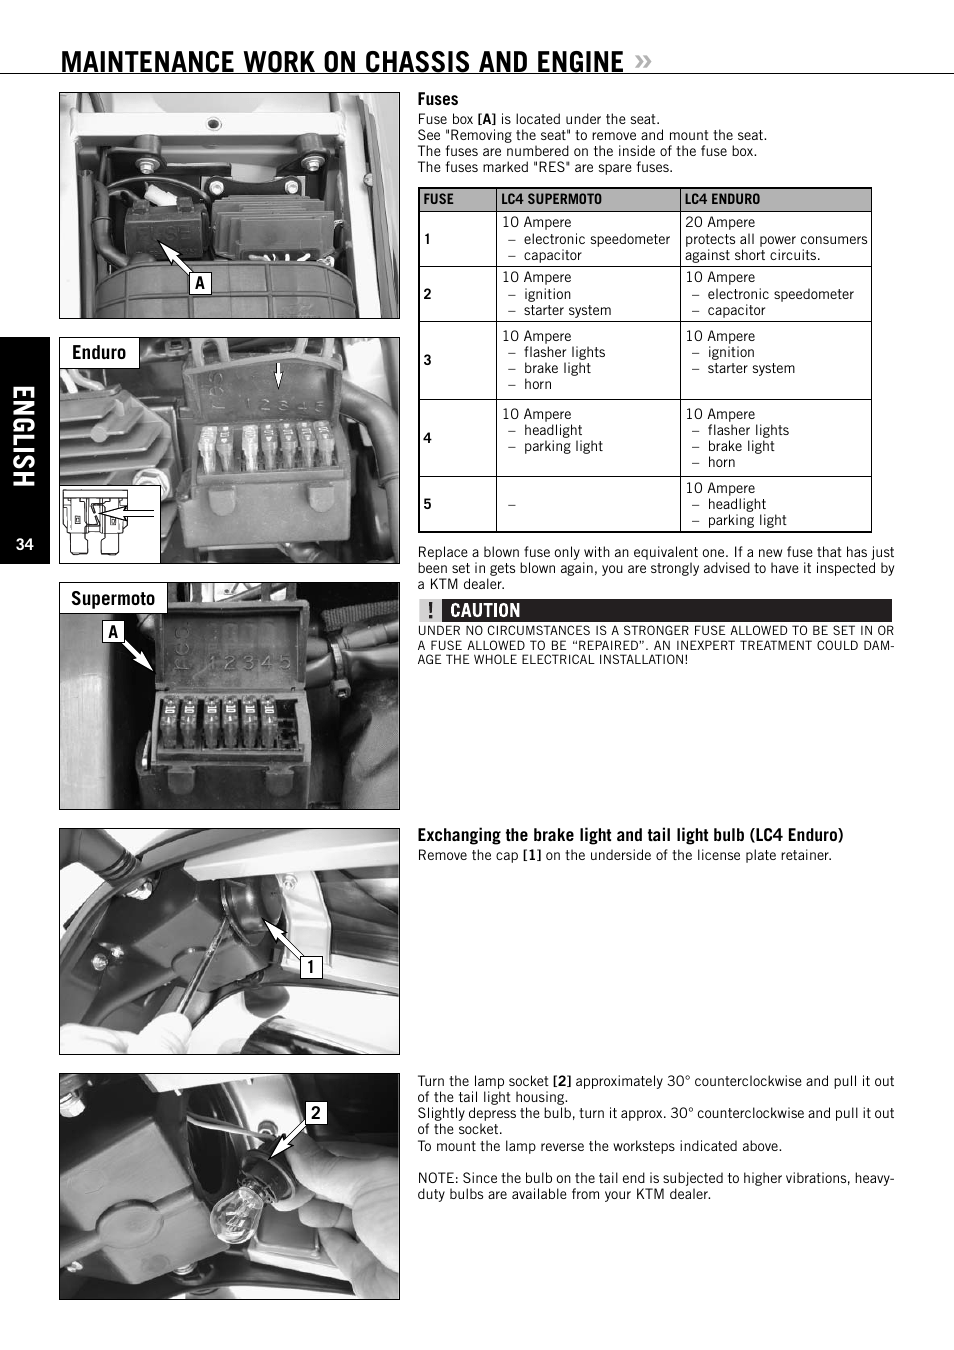 medium resolution of ktm 620 wiring diagram best wiring libraryktm 620 wiring diagram